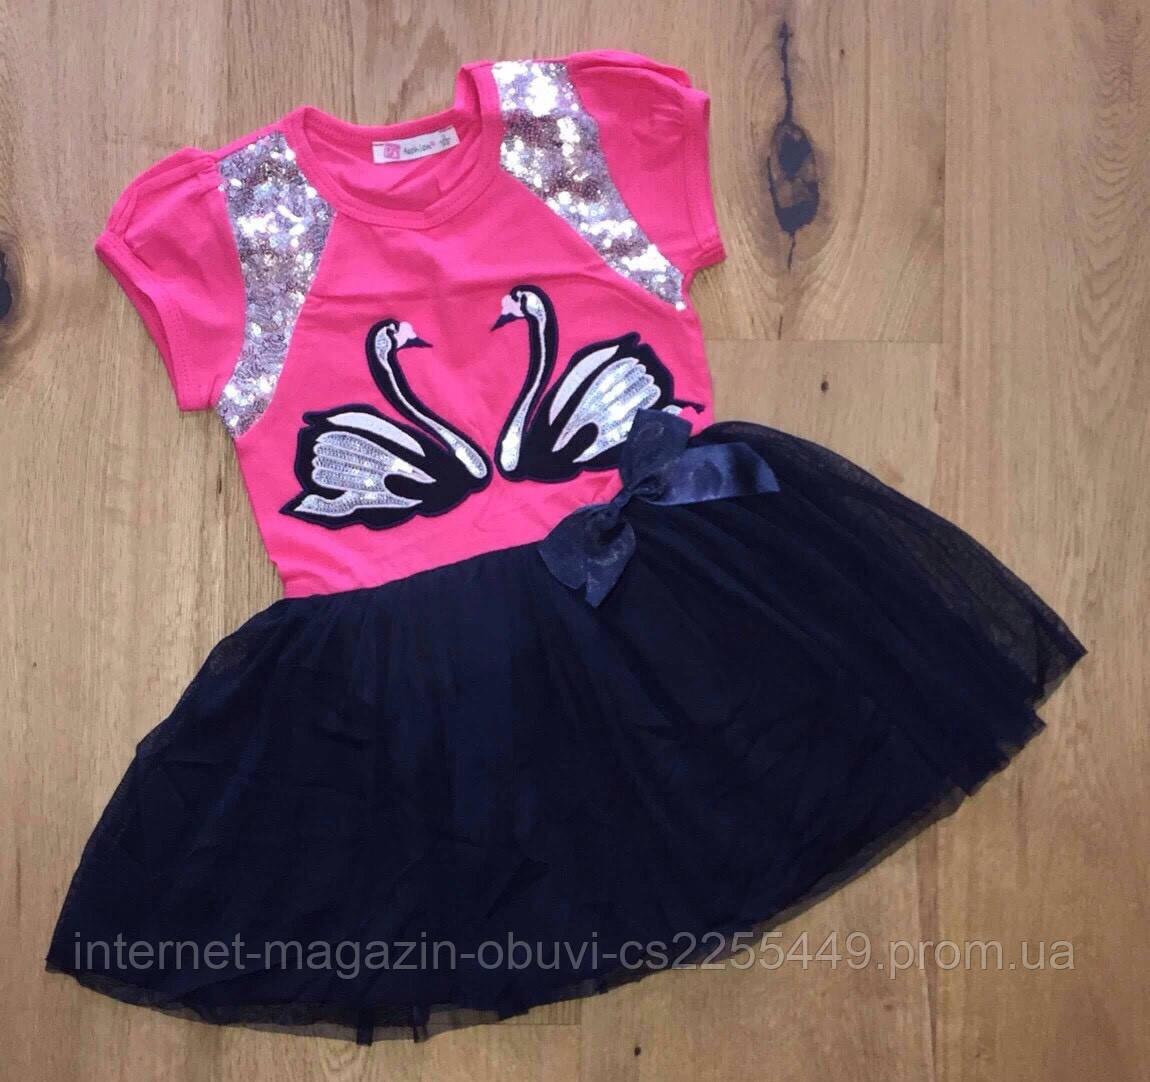 fd123c35f74 Летнее платье для девочек от 98 до 128 см рост - LISA SHOES в Одессе